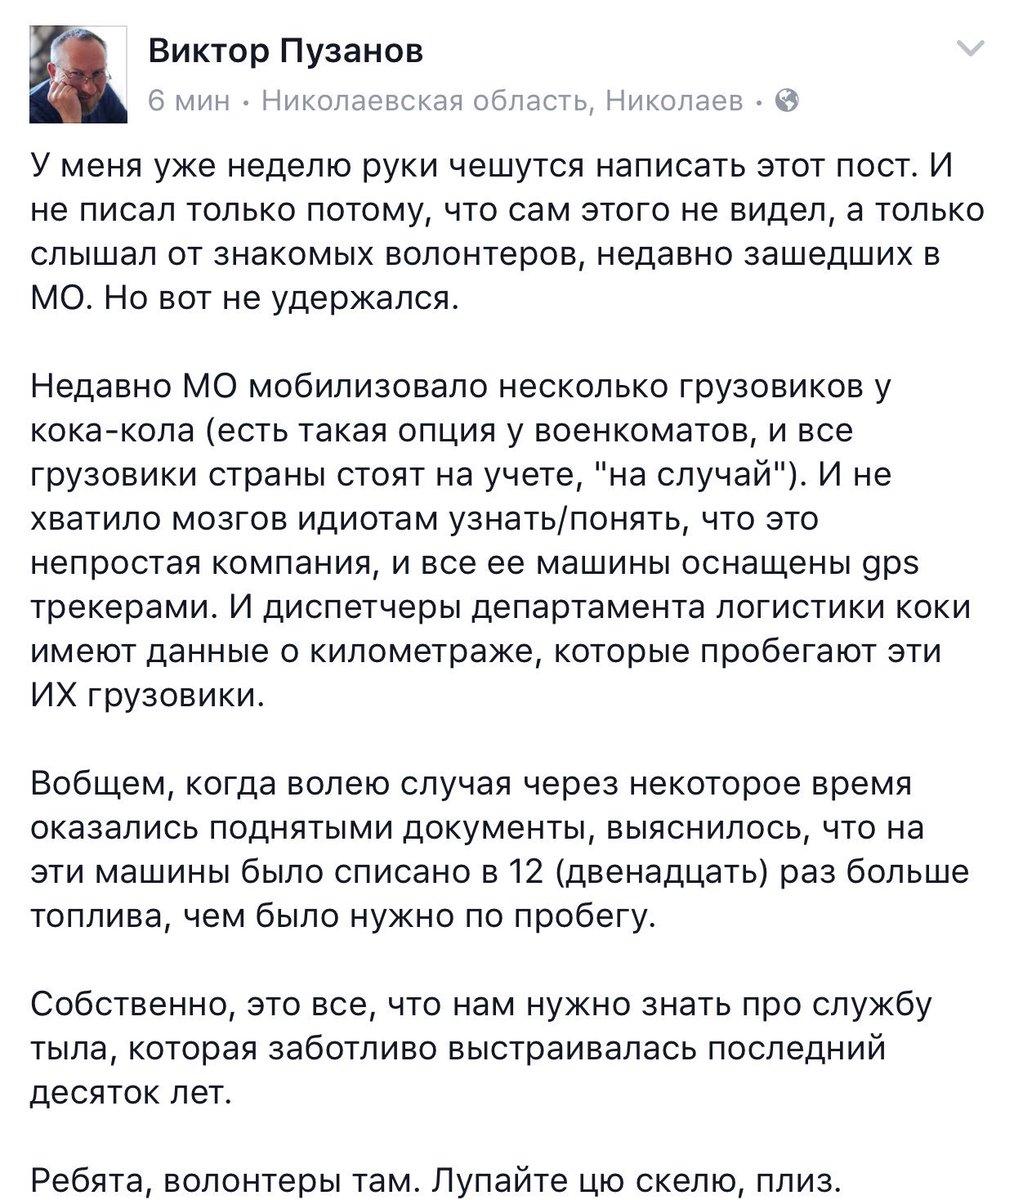 НАТО увеличит помощь Украине для реформирования сектора нацбезопасности и обороны в соответствии со стандартами альянса - Цензор.НЕТ 5407